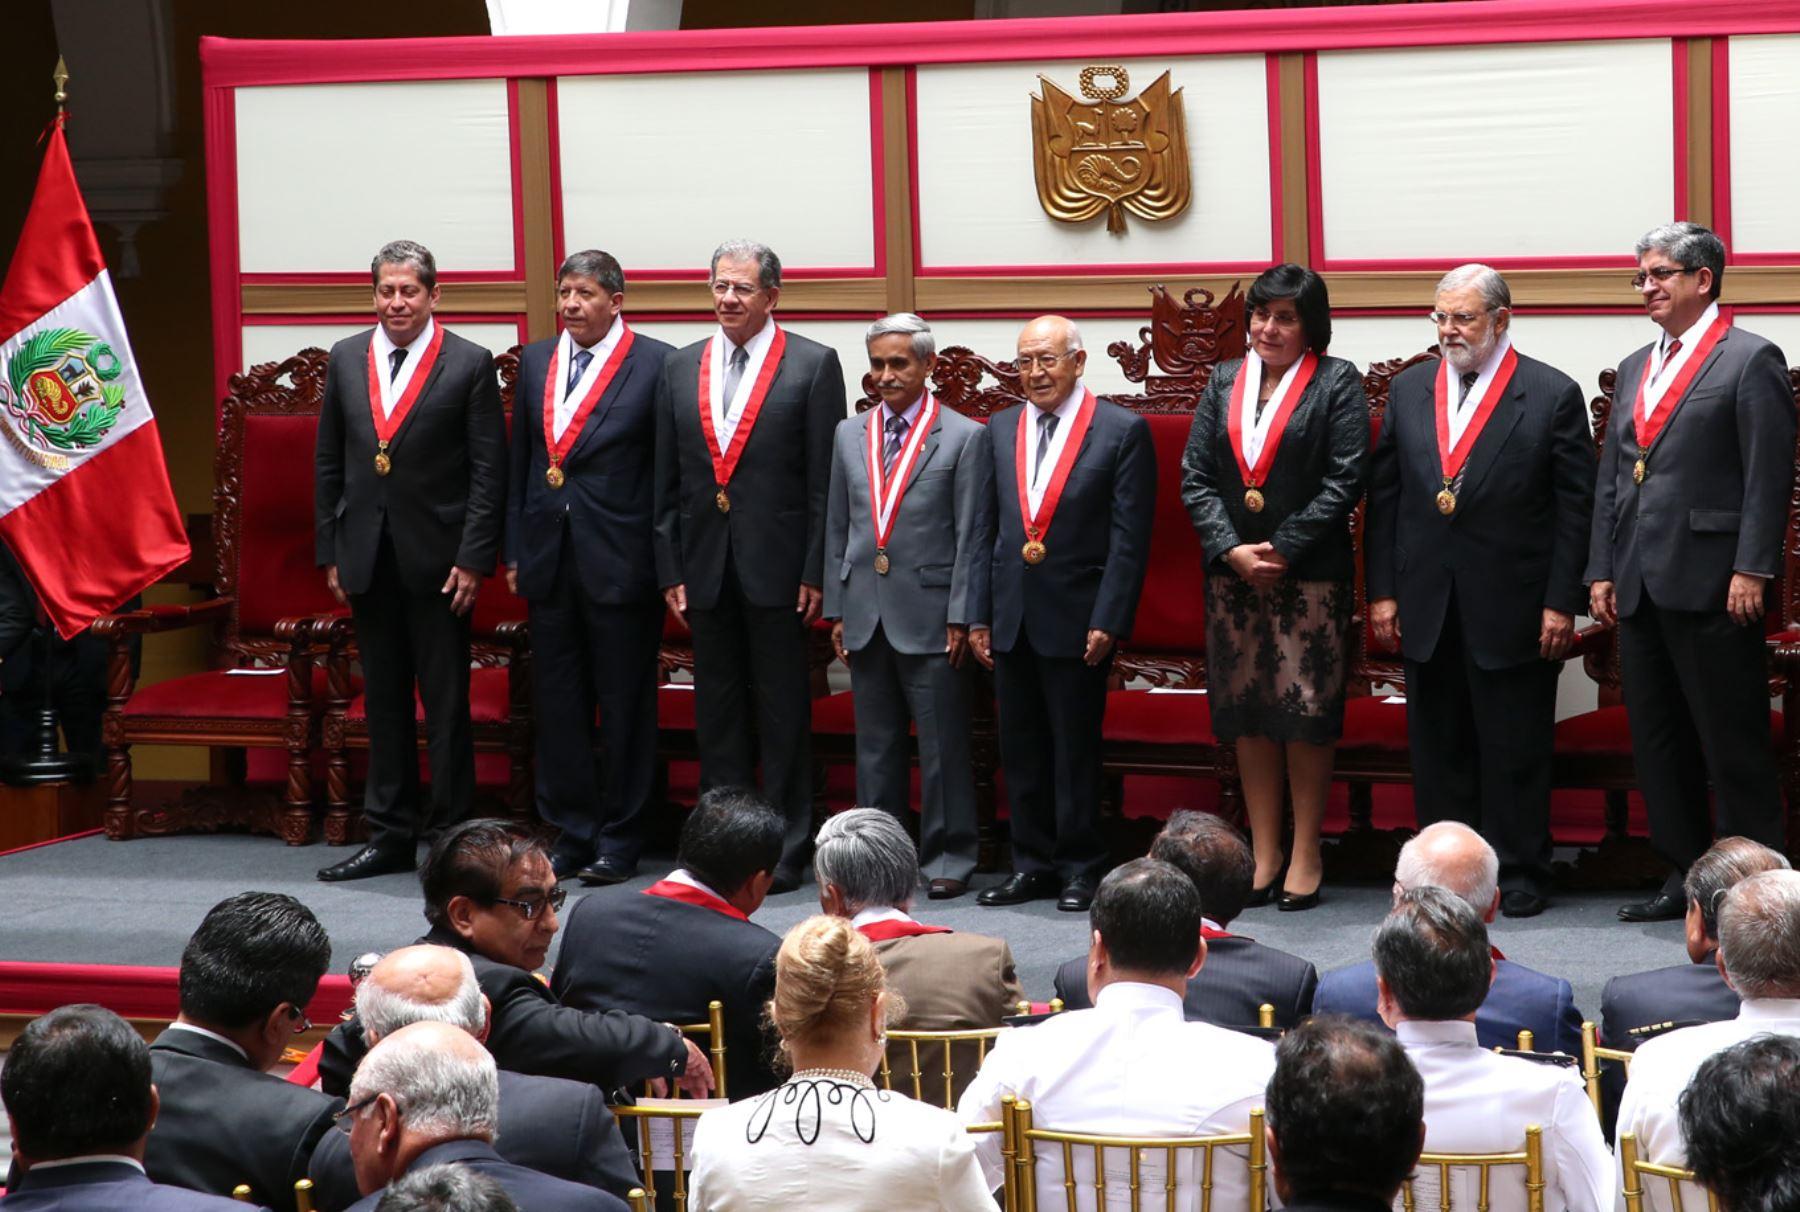 Cuatro puntos para entender el choque entre el fujimorismo y el Tribunal Constitucional